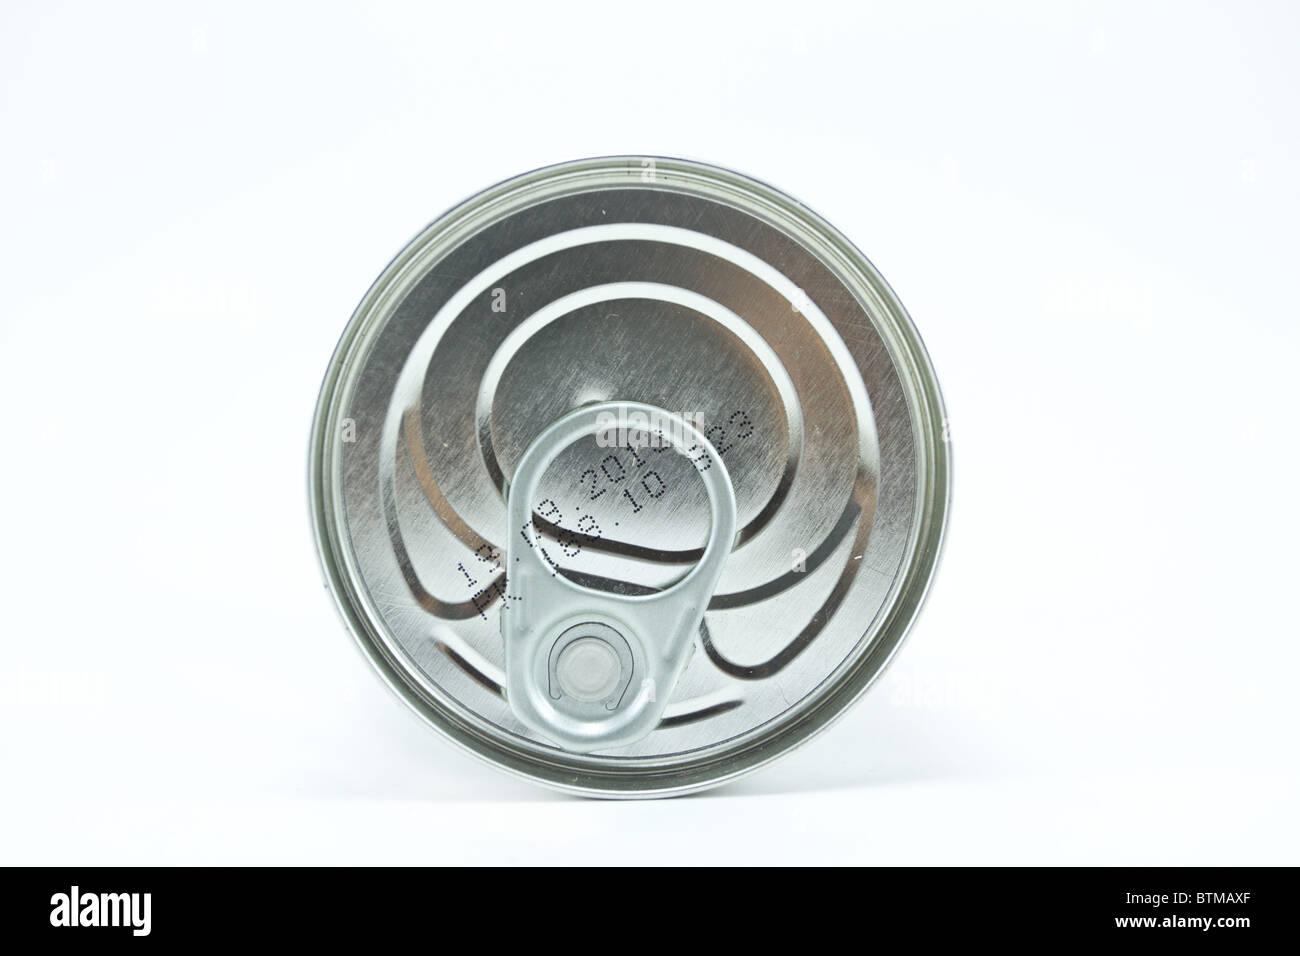 Tin can top - Stock Image